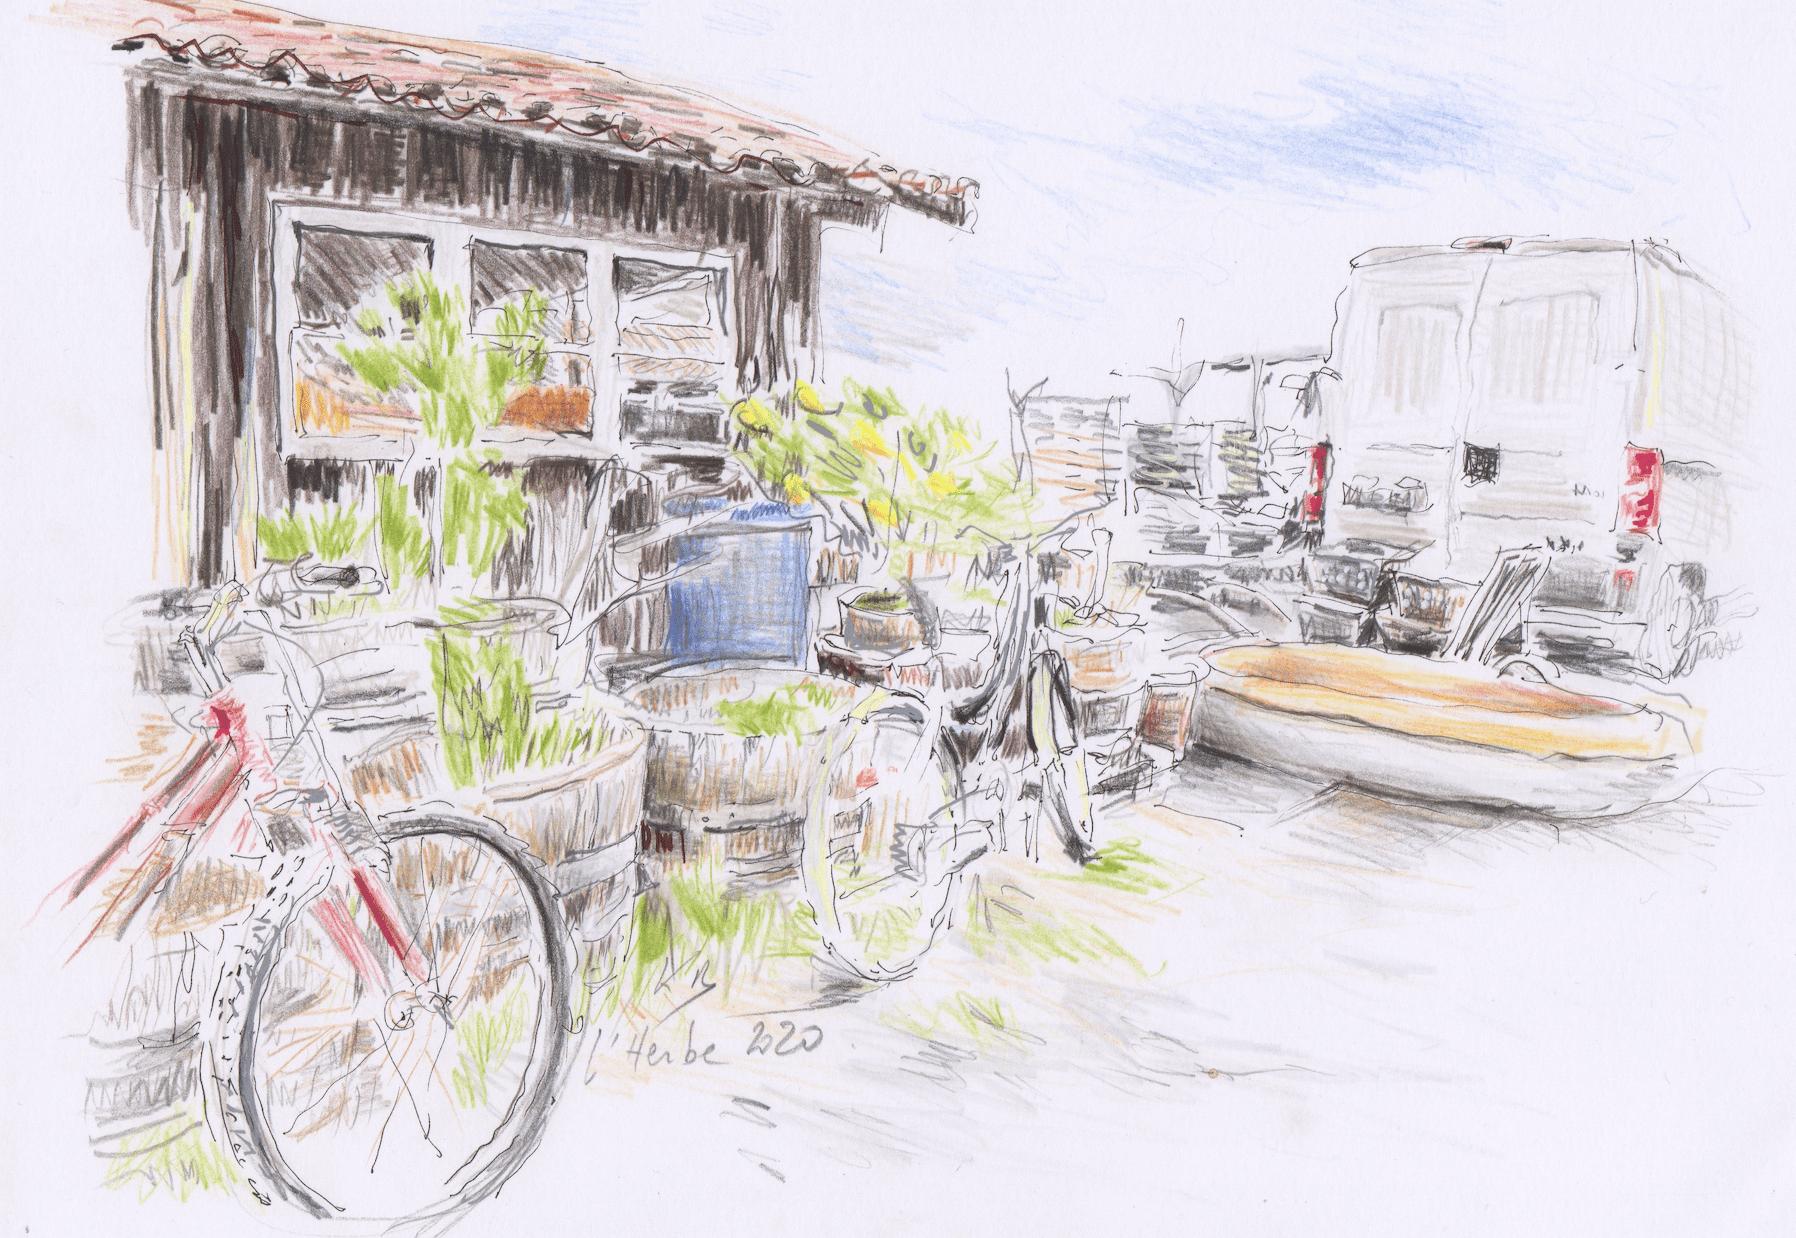 La cabane et les vélos